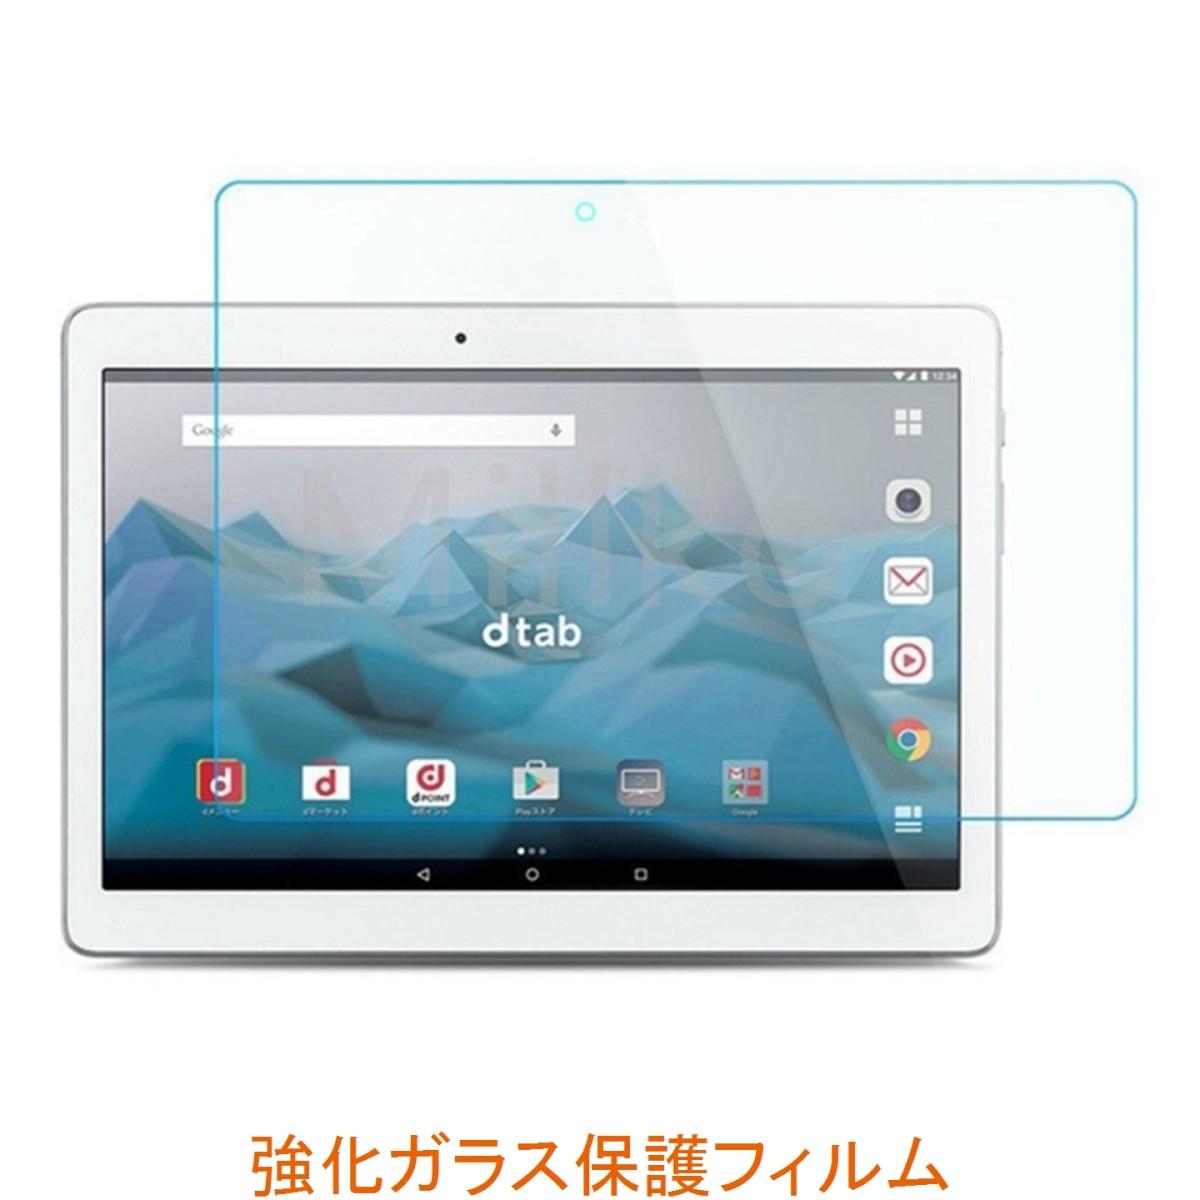 メール便送料無料 HUAWEI dtab d-01H docomo 10.1インチ 液晶保護フィルム 日本最大級の品揃え 0.33mm 強化ガラス 2.5D 送料無料 9H